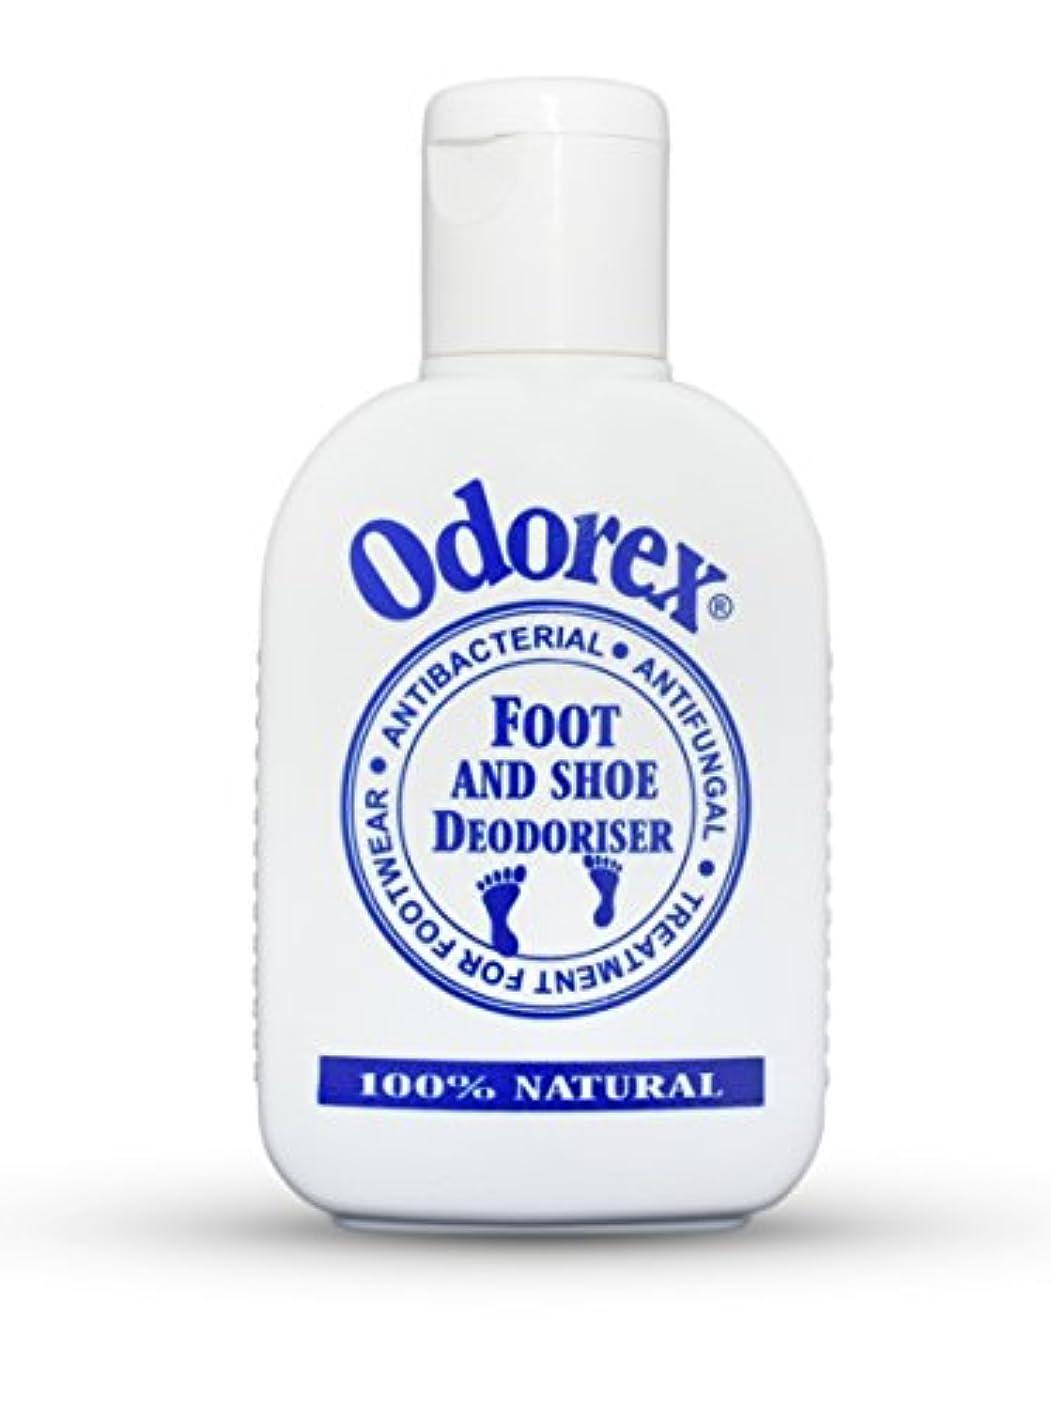 郡桃ジーンズオダエックス100% ナチュラル 靴用除菌?防菌?消臭パウダー30g